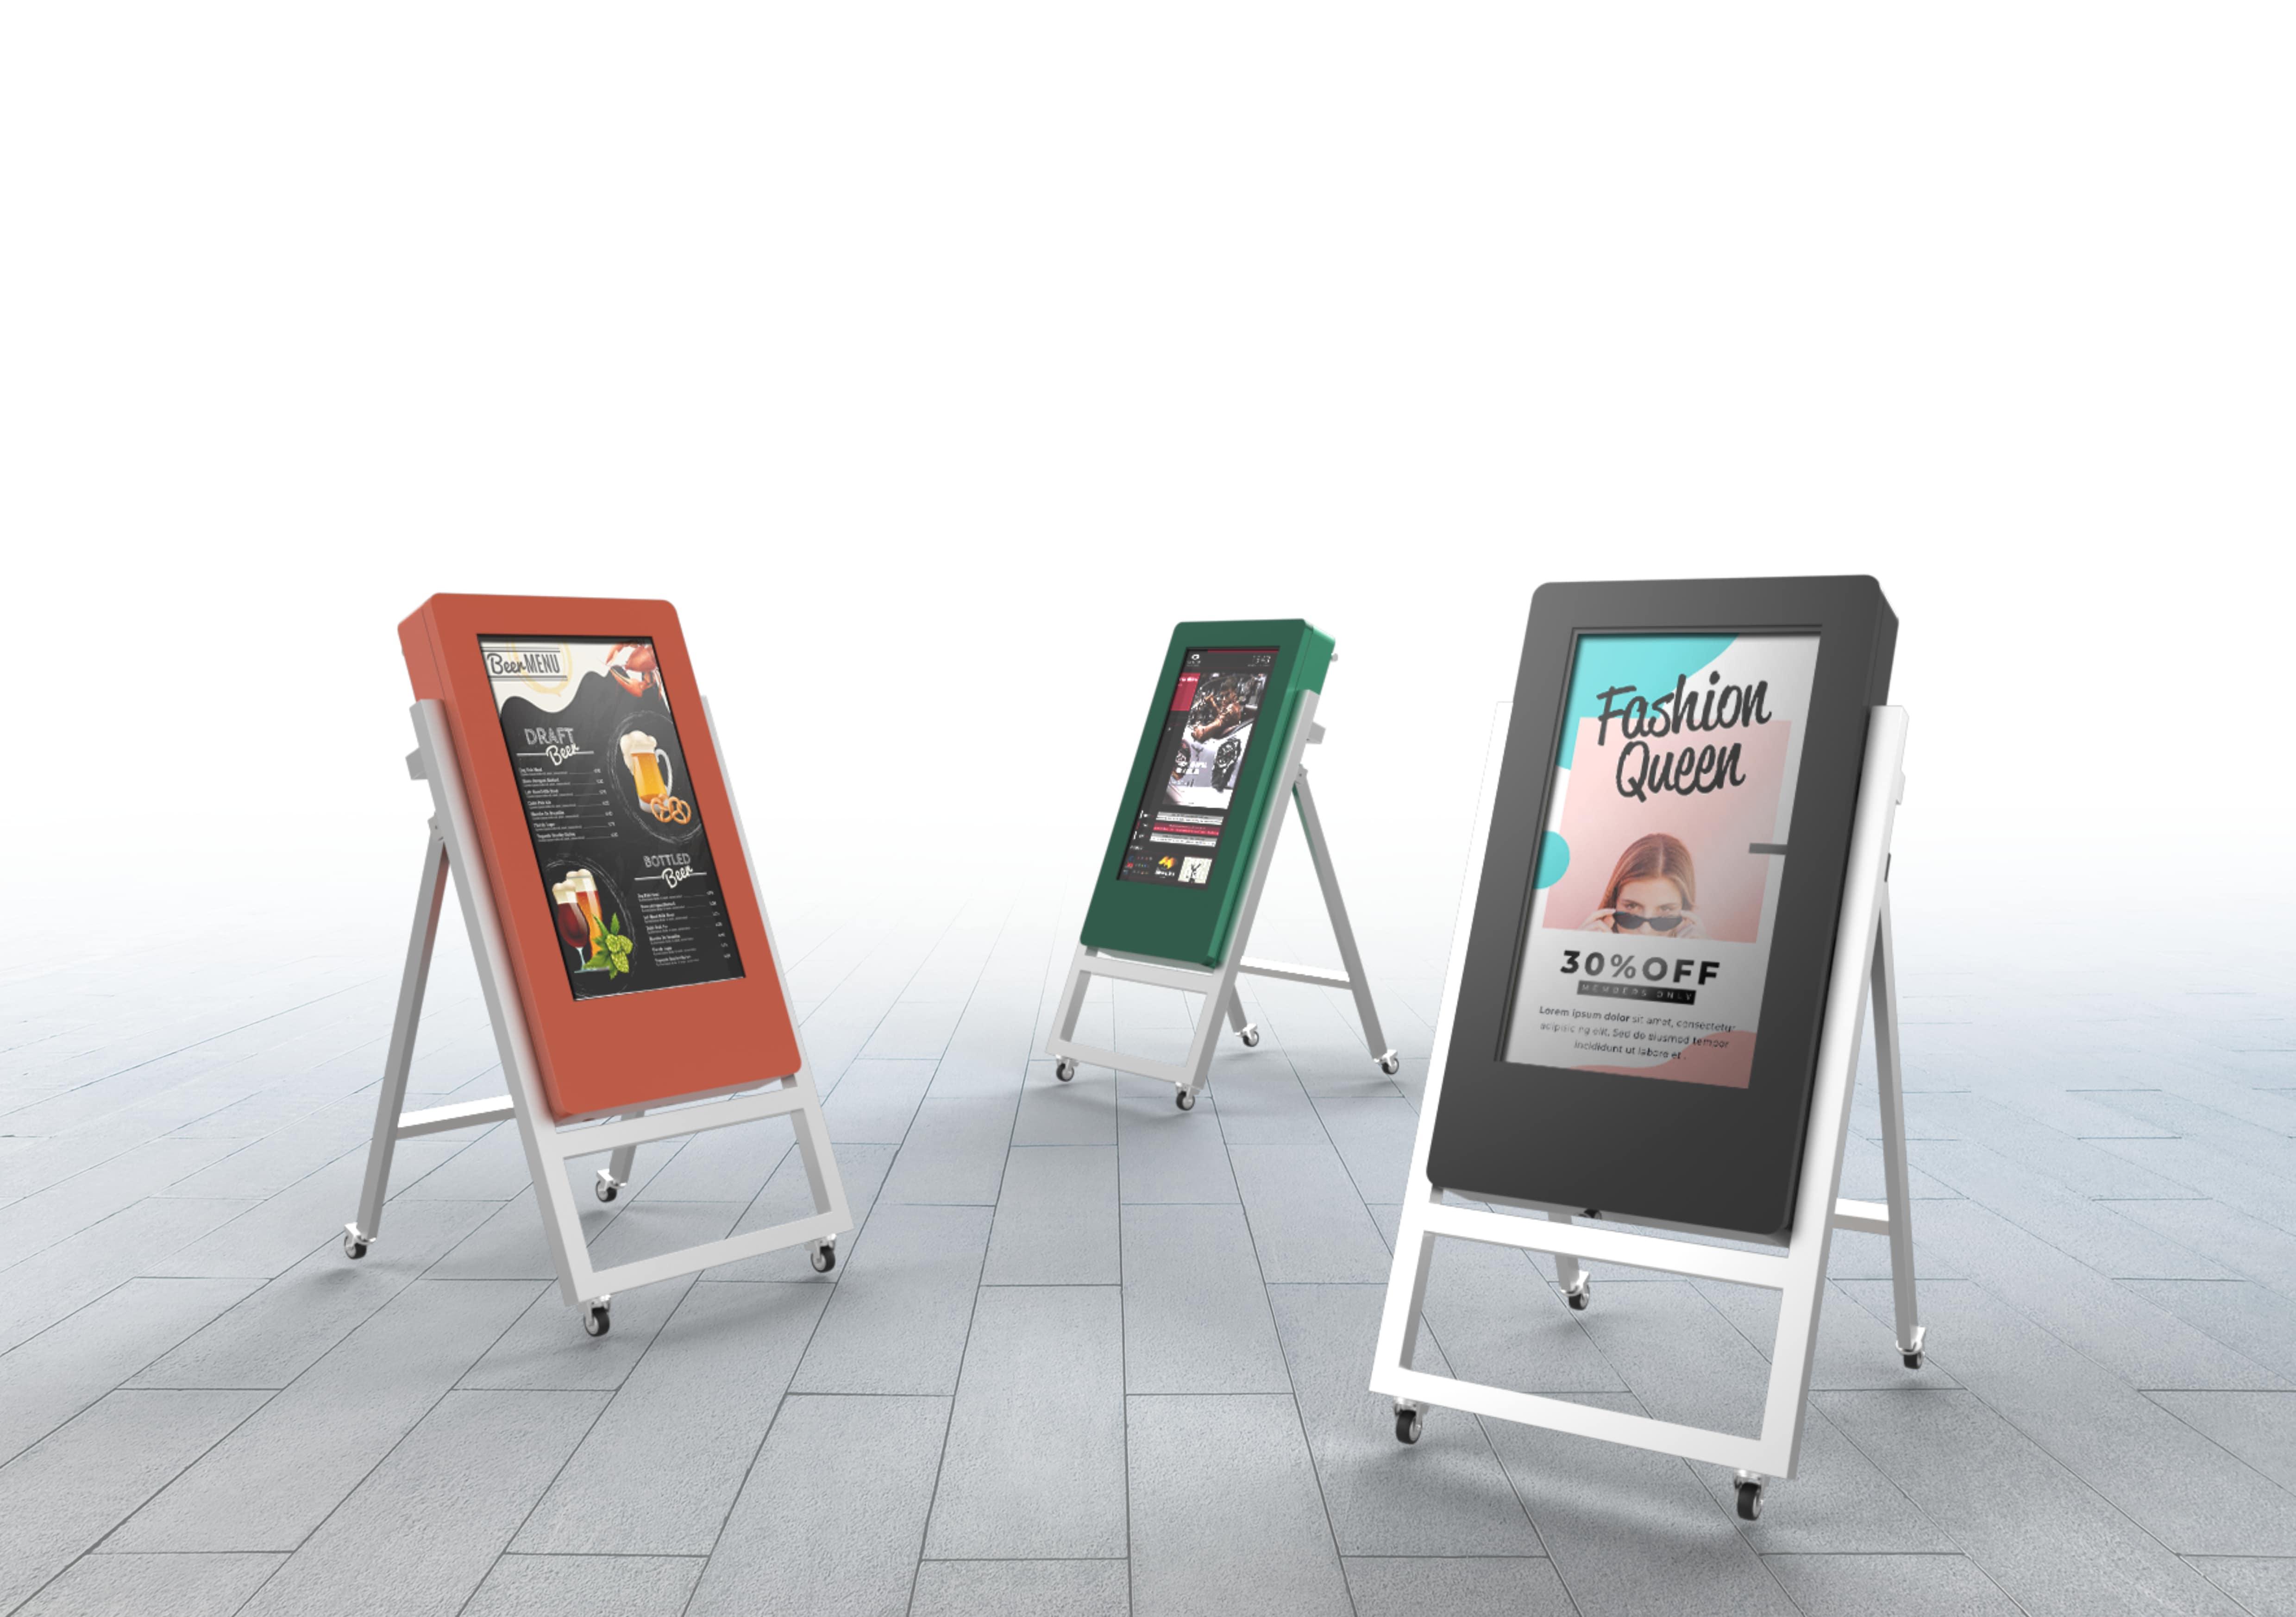 Kiosk TRESTLE by PARTTEAM & OEMKIOSKS